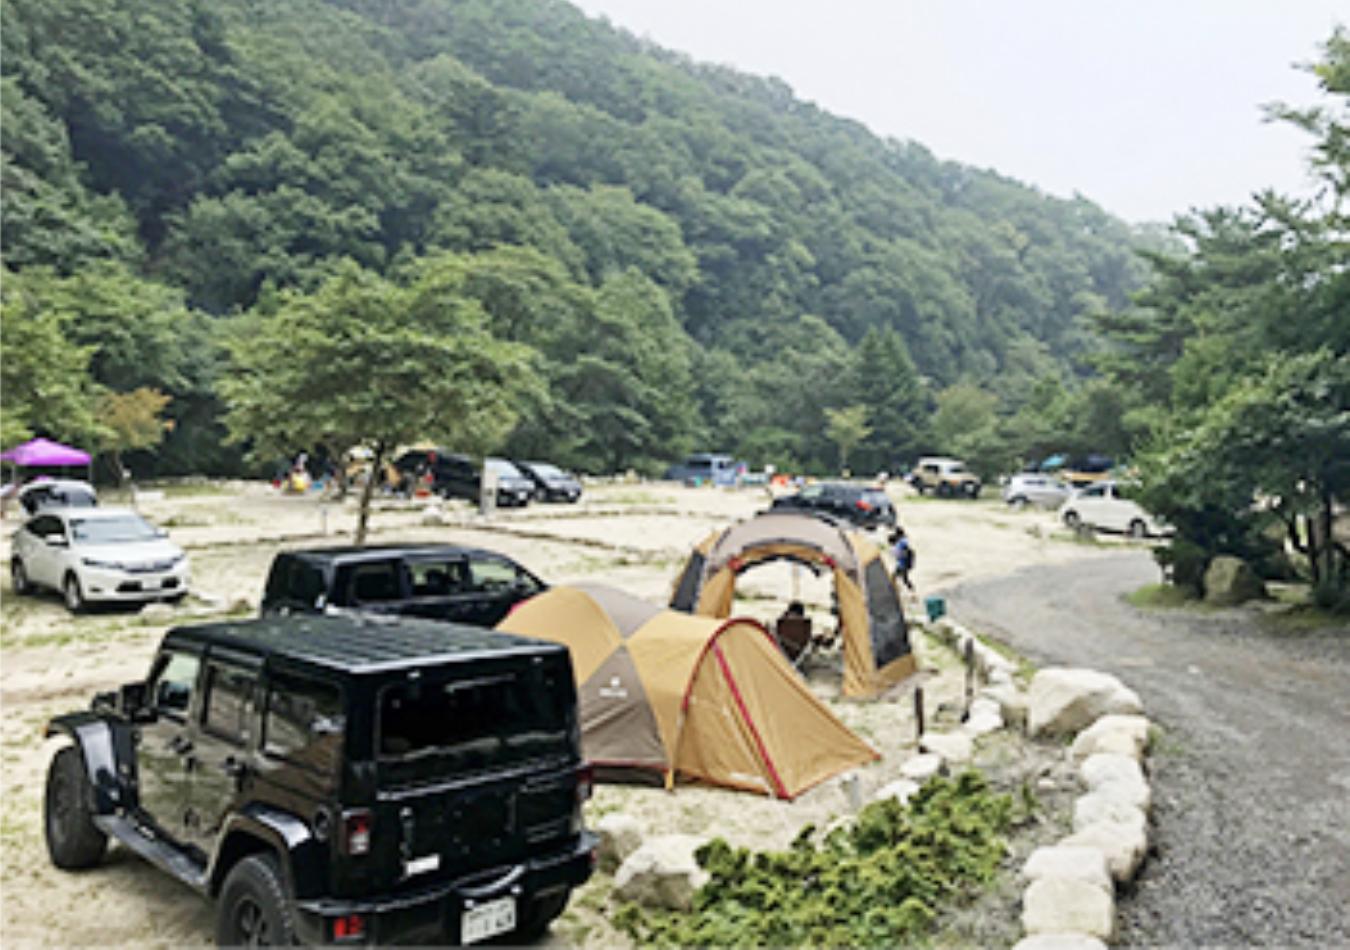 名古屋から車で1時間!川遊びもできる三重県菰野町の『八風キャンプ場』 - 1